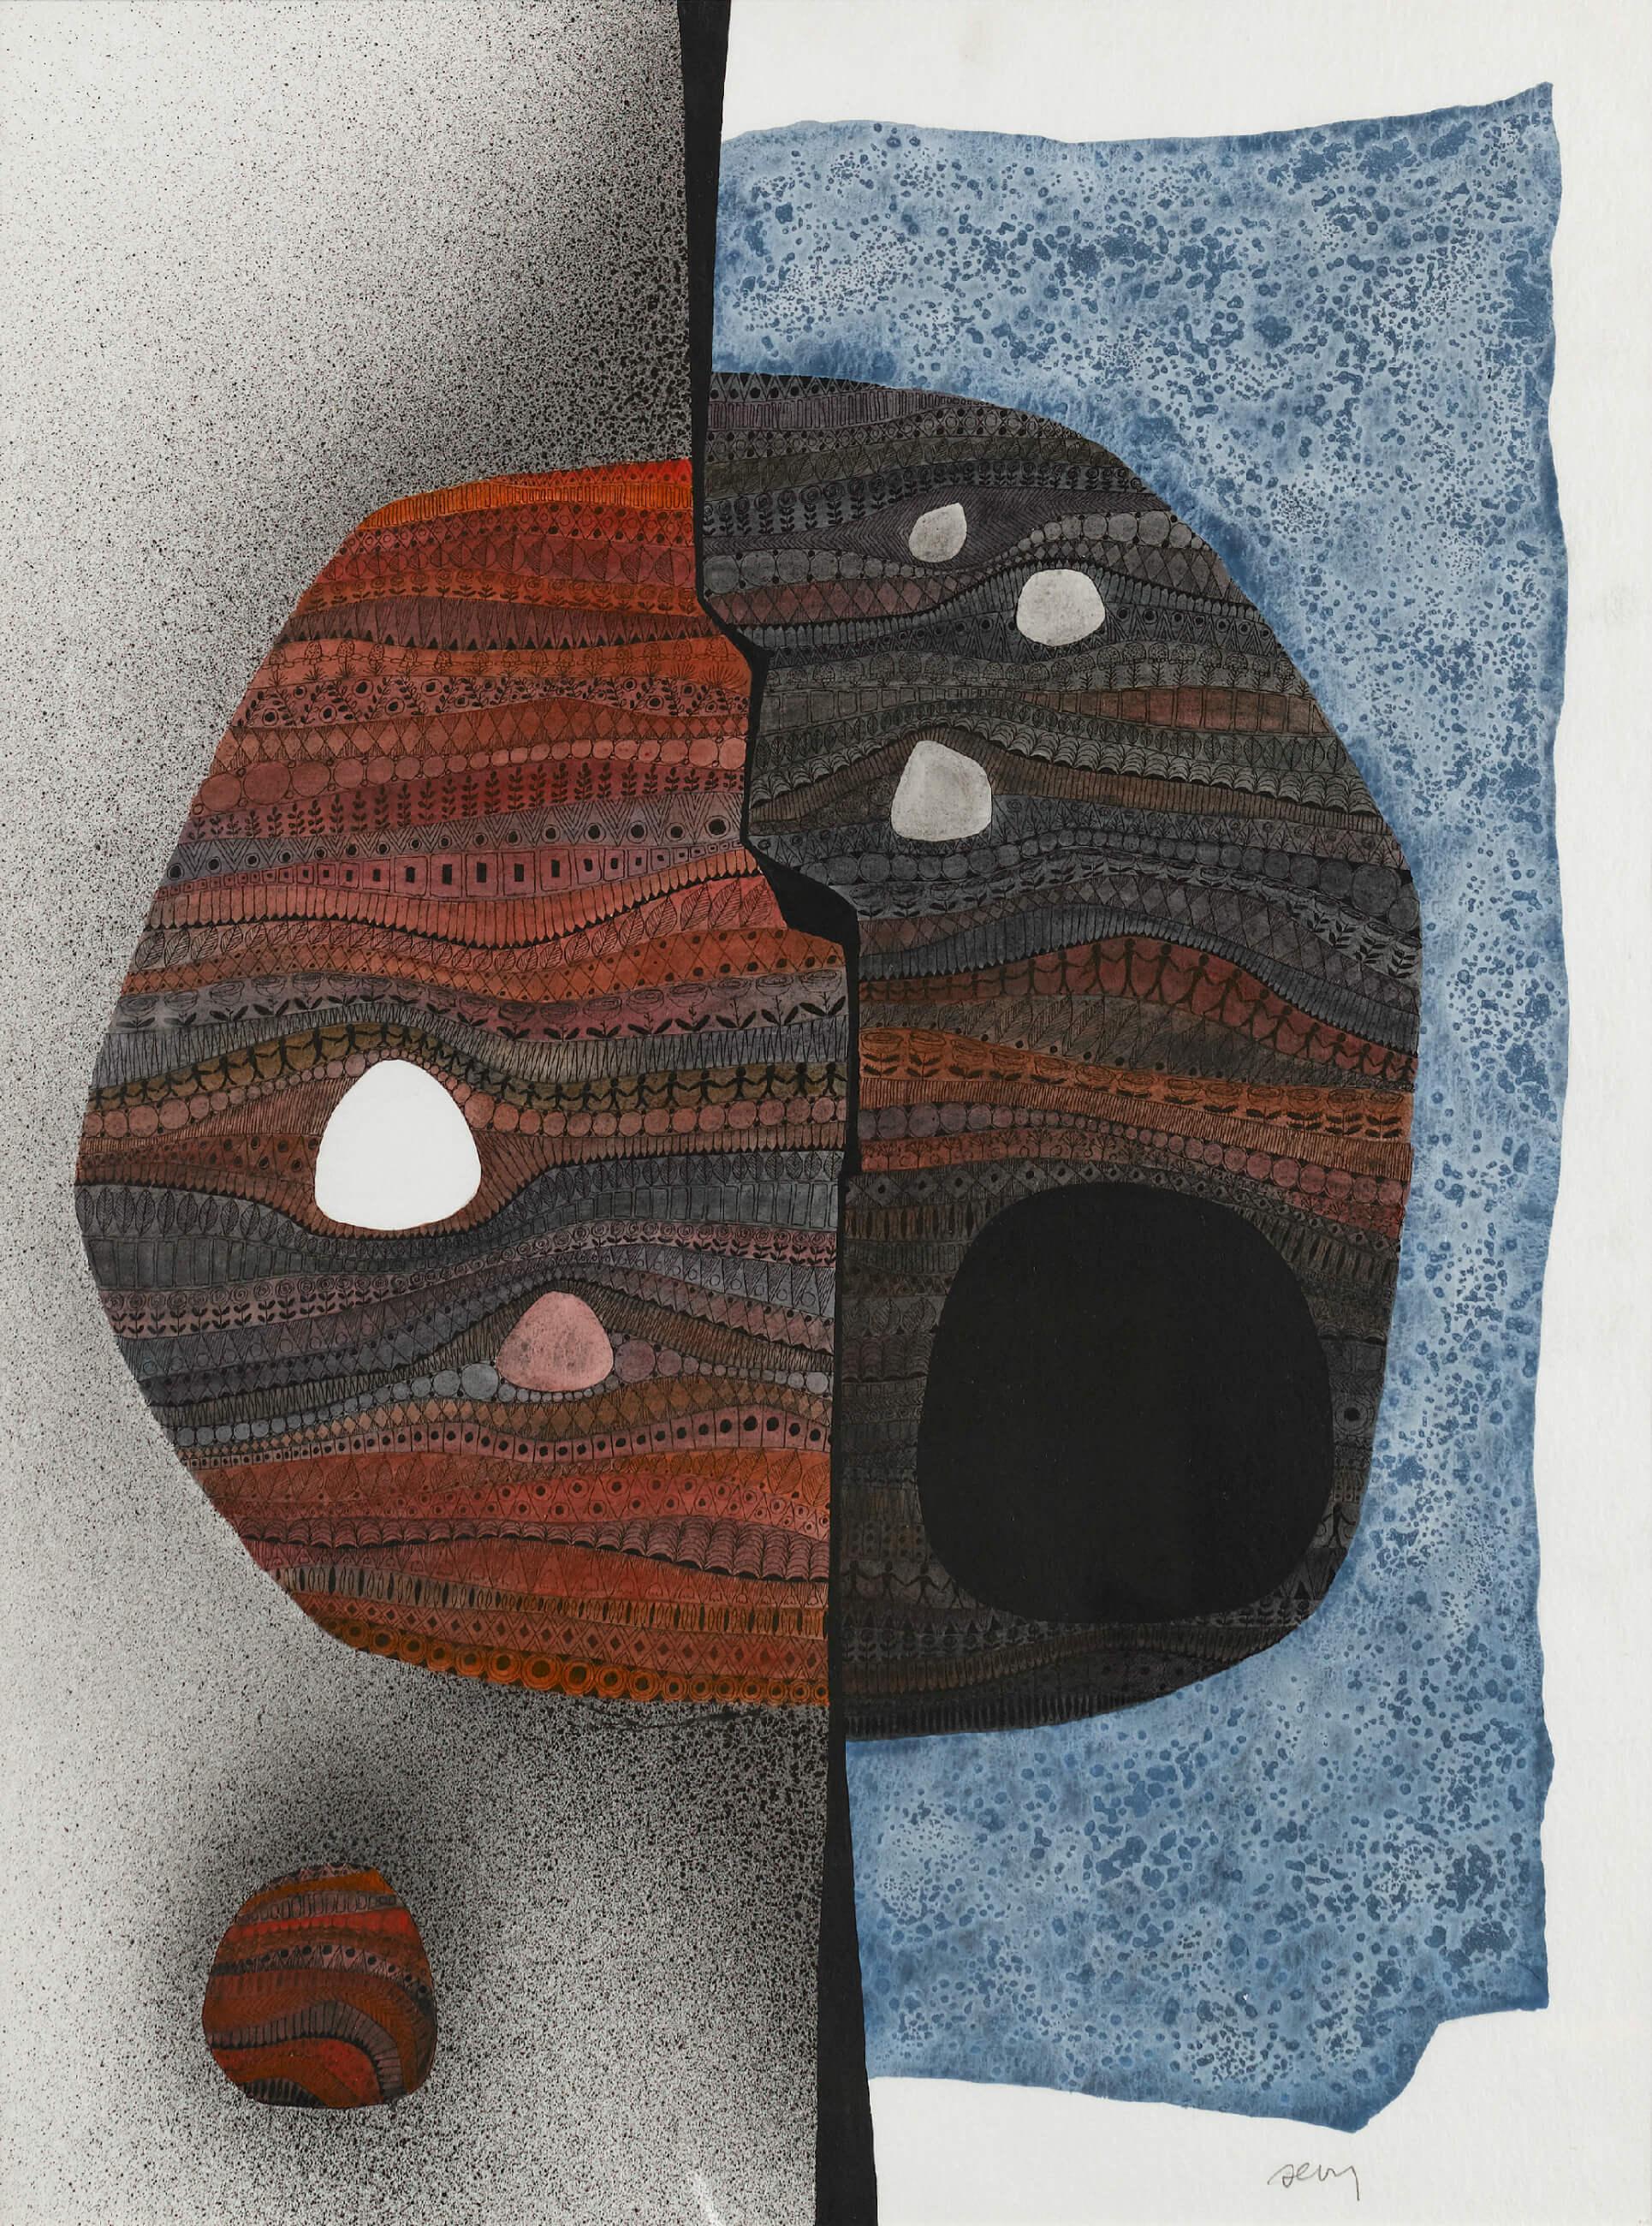 SÊVY - Le partage du monde - Encre de Chine et peinture acrylique sur papier, 56 x 76 cm